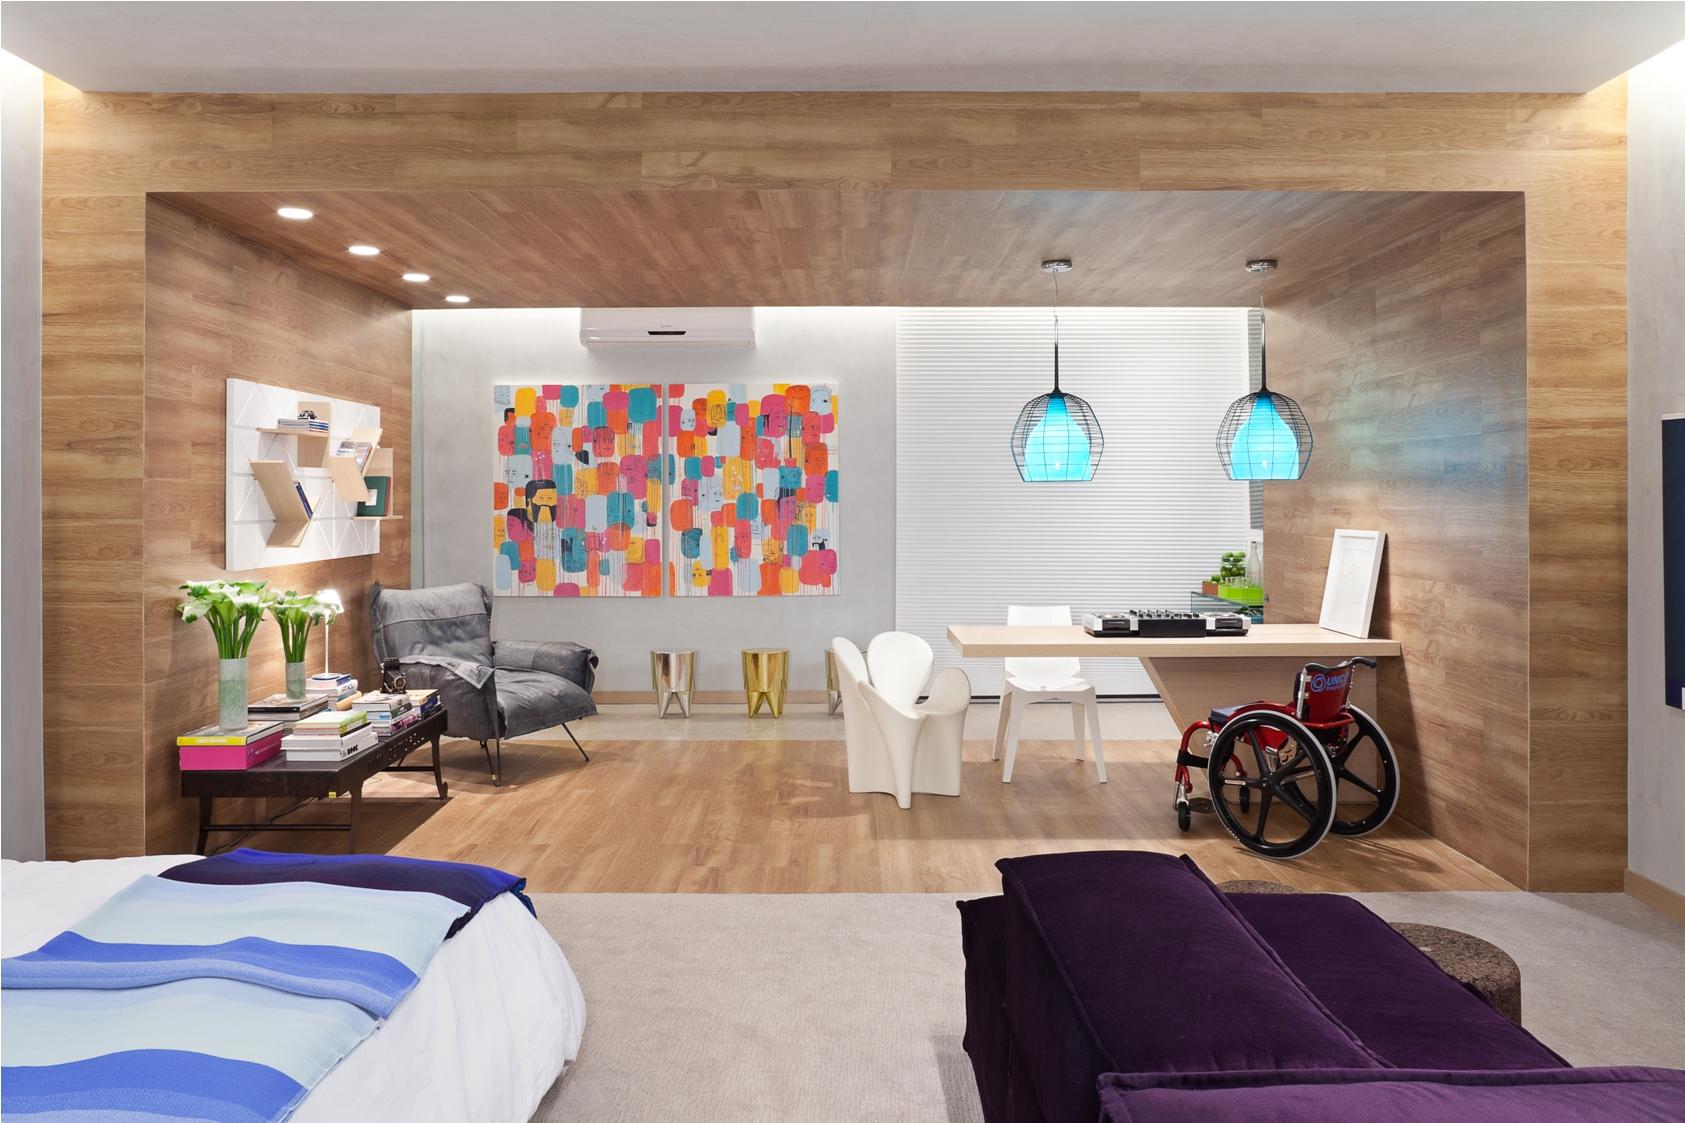 aeg quarto para deficiente – Design Culture #2E819D 1685 1123